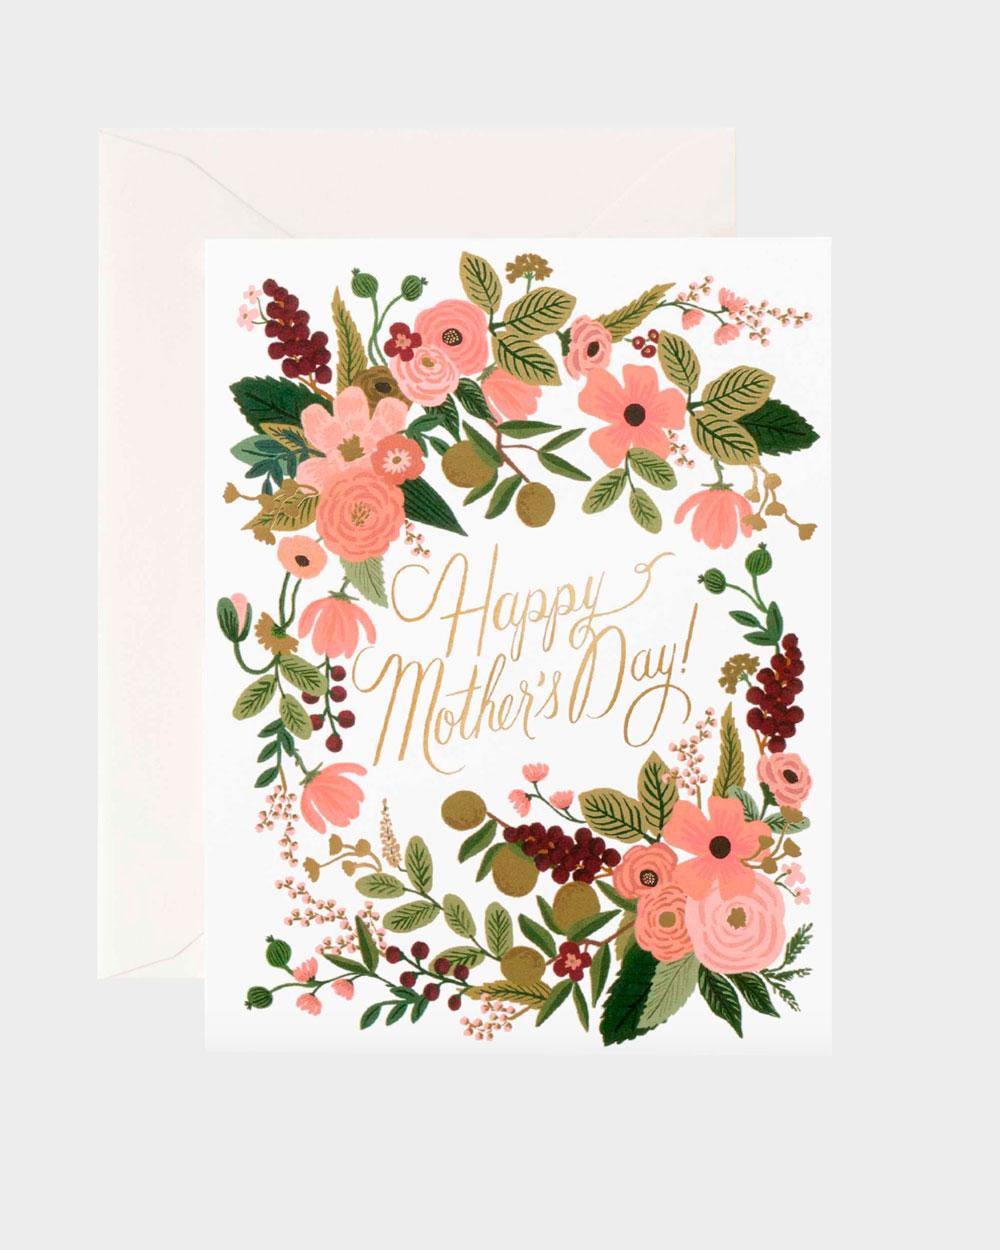 kukkakuvitettu äitienpäiväkortti englanninkielisellä tekstillä